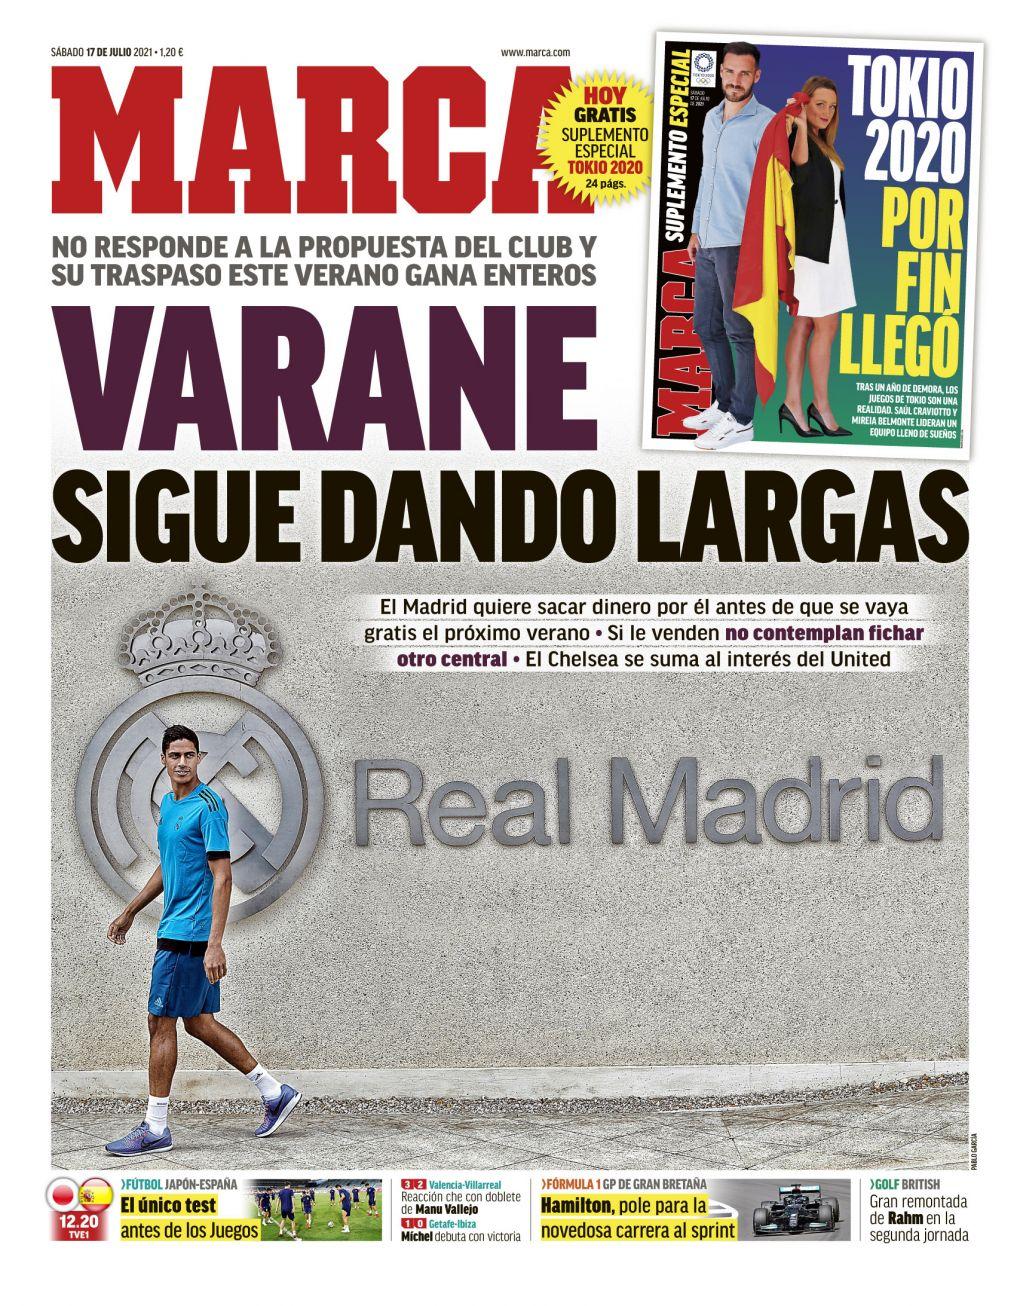 Documentos españoles de hoy: Raphael Varane listo para la salida del Real Madrid, problemas de Kieran Trippier y Gareth Bale y el Barcelona apunta a las extensiones de Ansu Fati